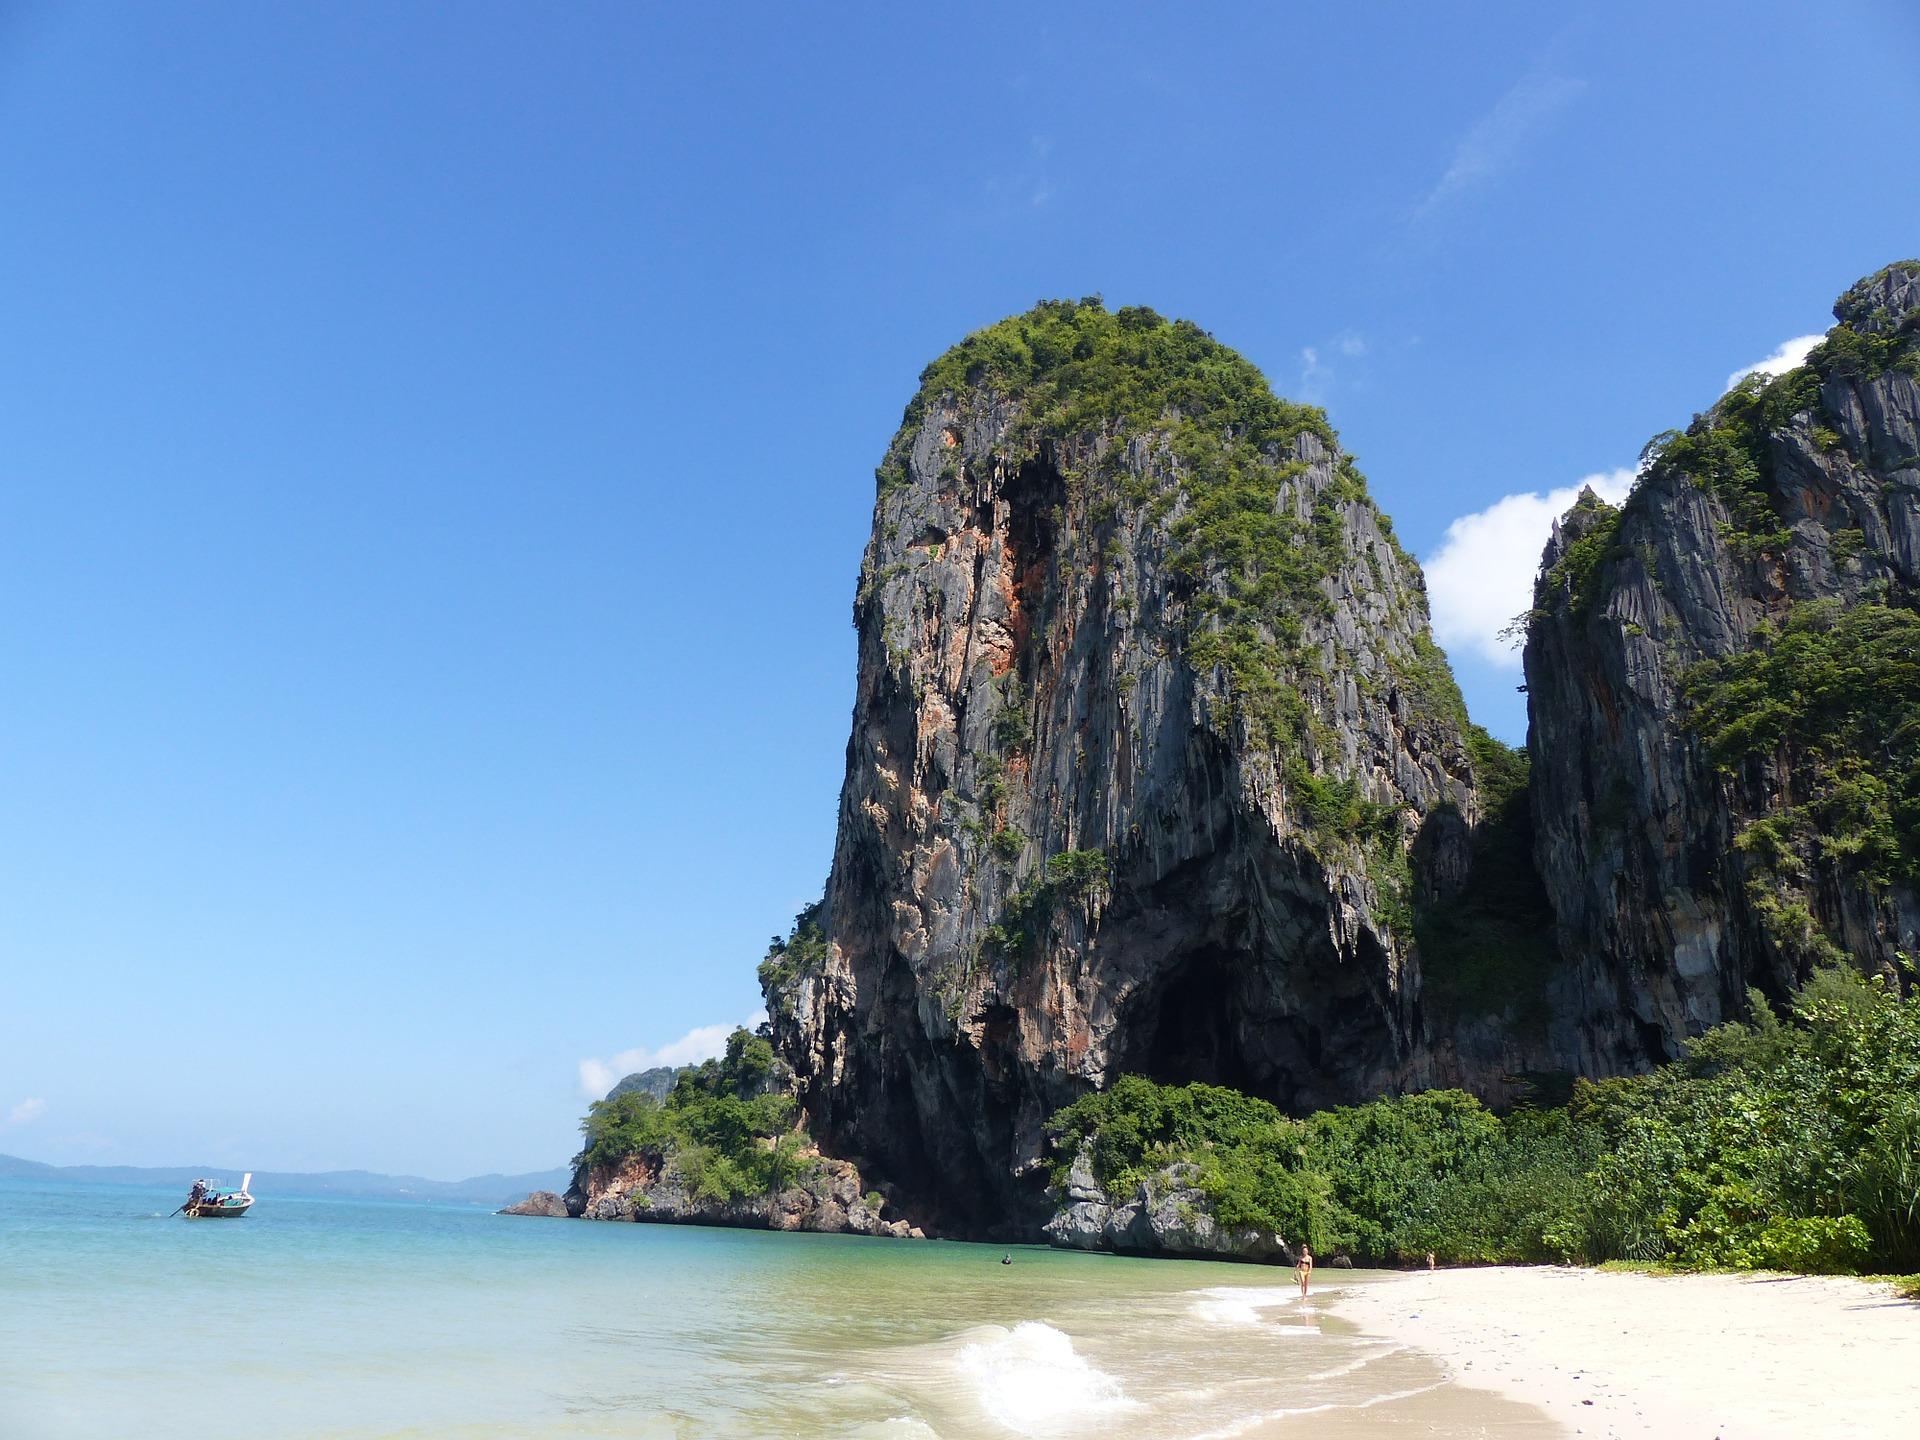 plage_a_krabi_ao_nang_railey_beach_phranang_cave